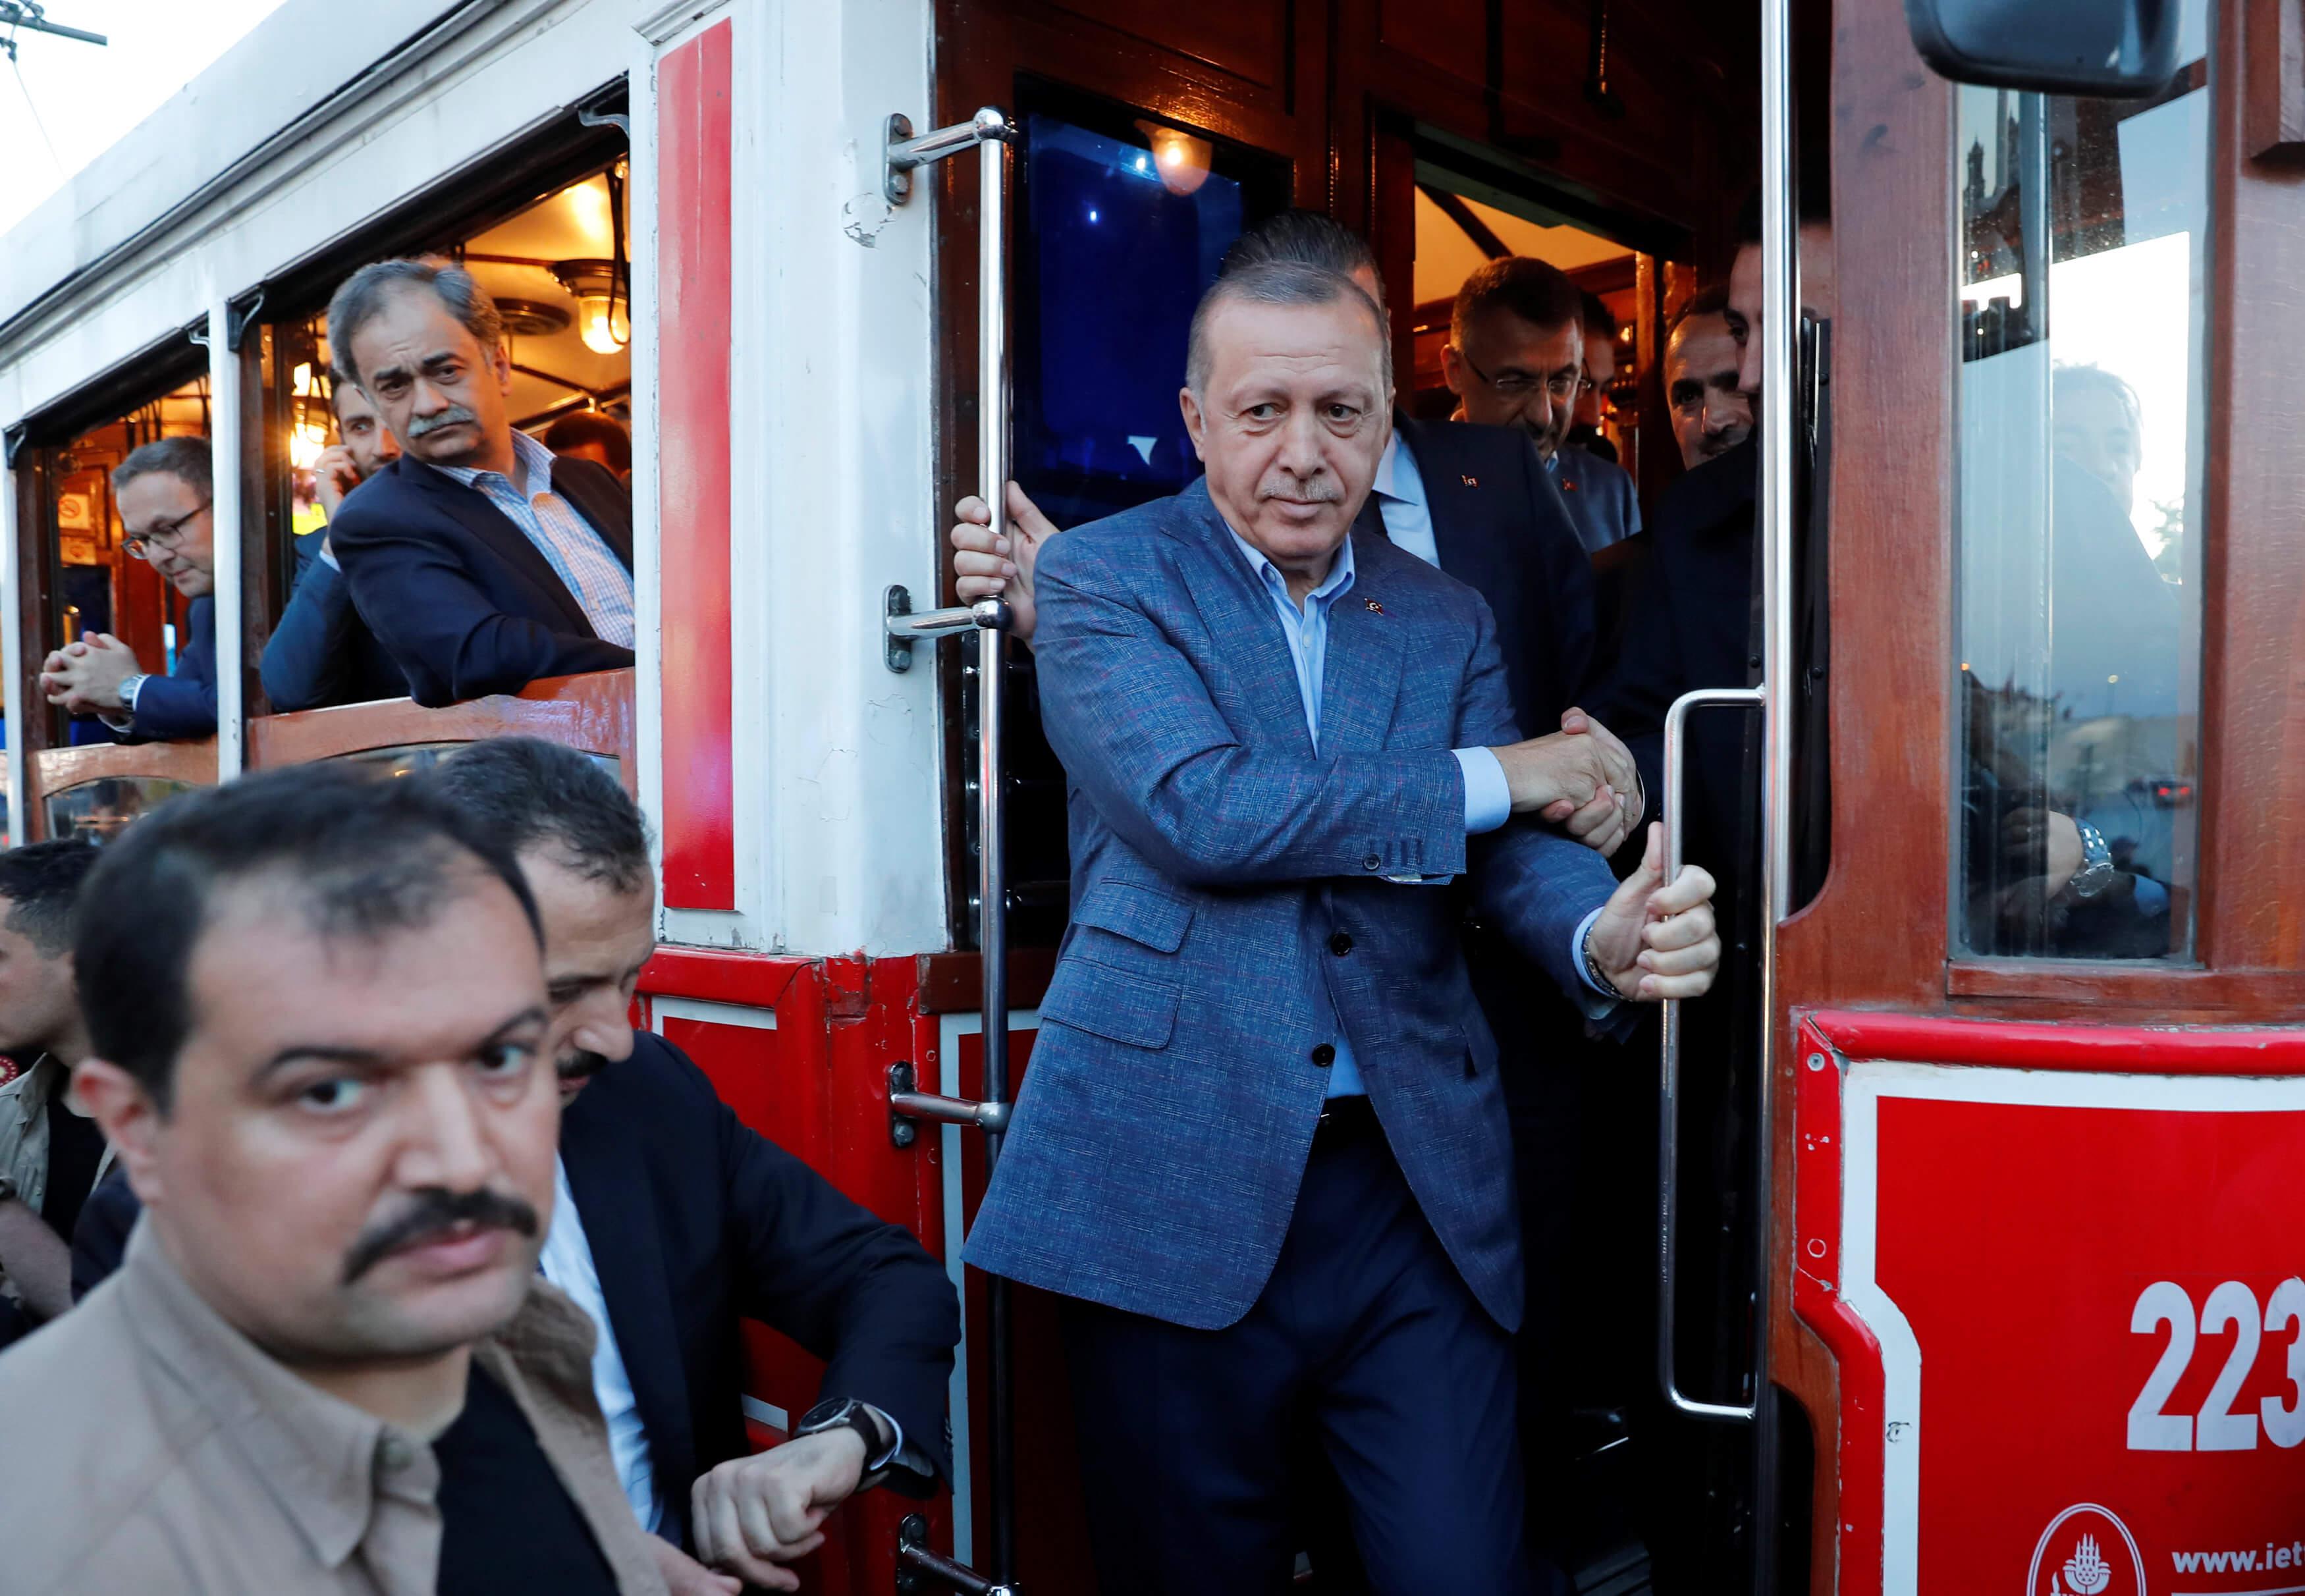 Απόγνωση Ερντογάν - Τρώει απ' τα έτοιμα - Παίρνει 40 δισ. λίρες από τα διαθέσιμα της κεντρικής τράπεζας